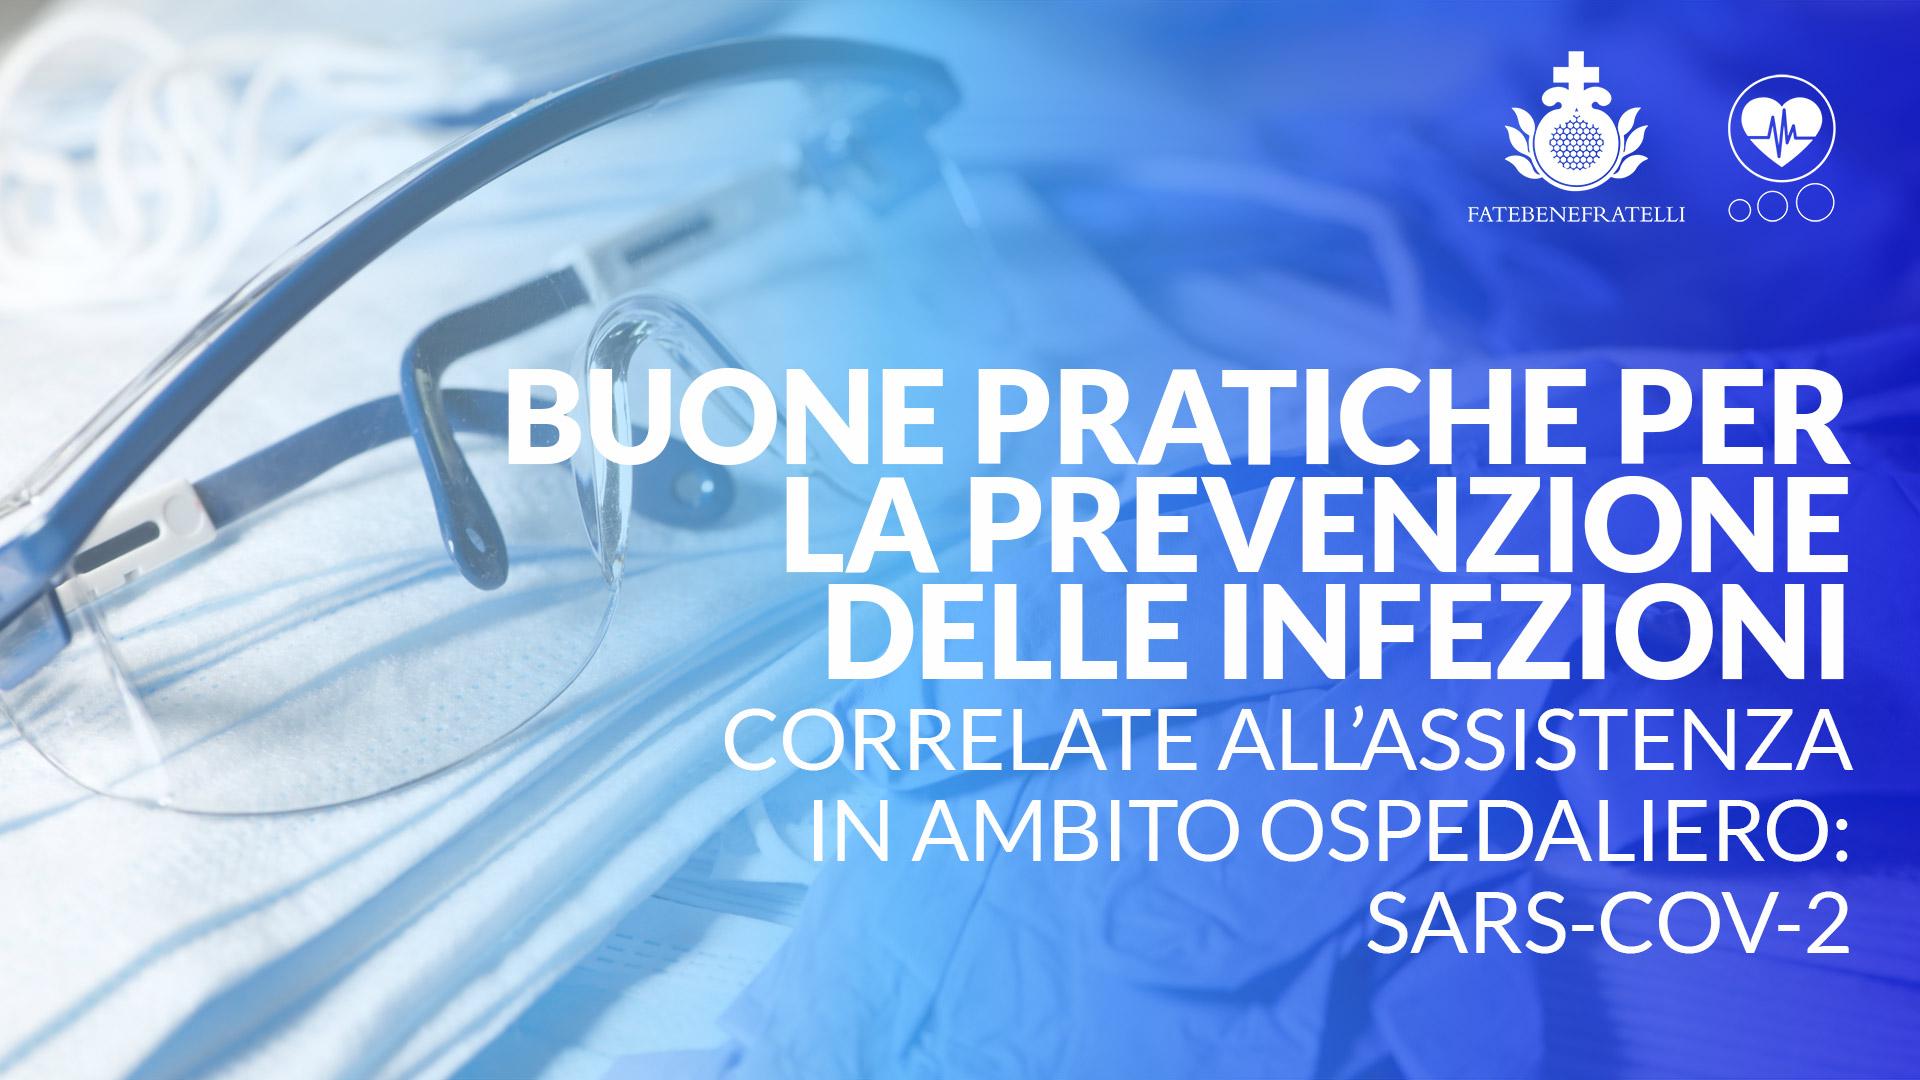 Buone pratiche per la prevenzione delle infezioni  correlate all'assistenza in ambito ospedaliero: SARS-CoV-2